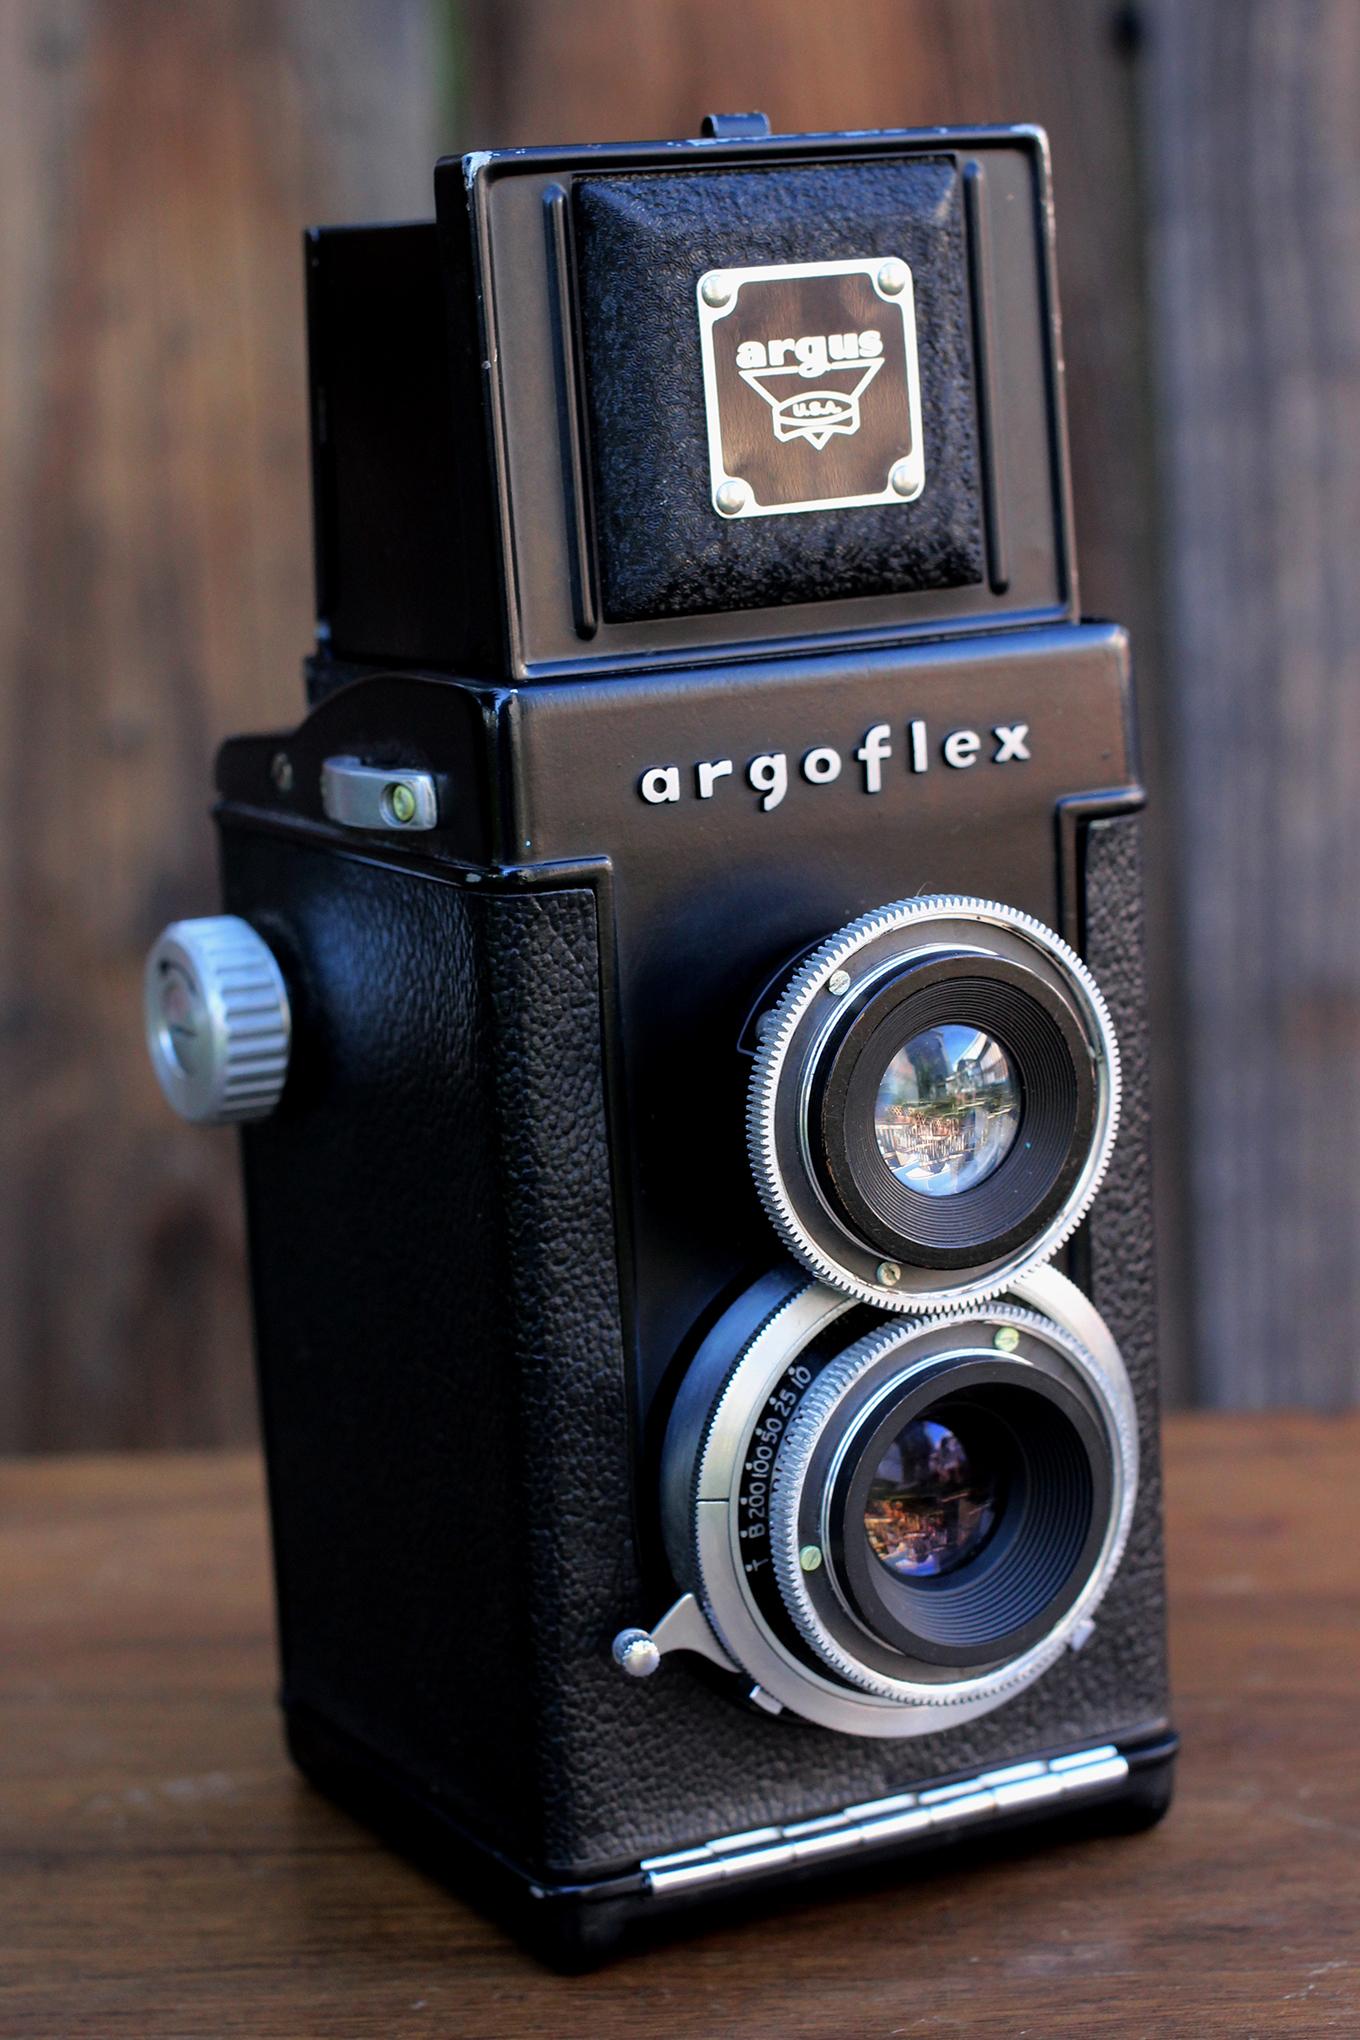 argoflex-ef-tlr-1360.jpg